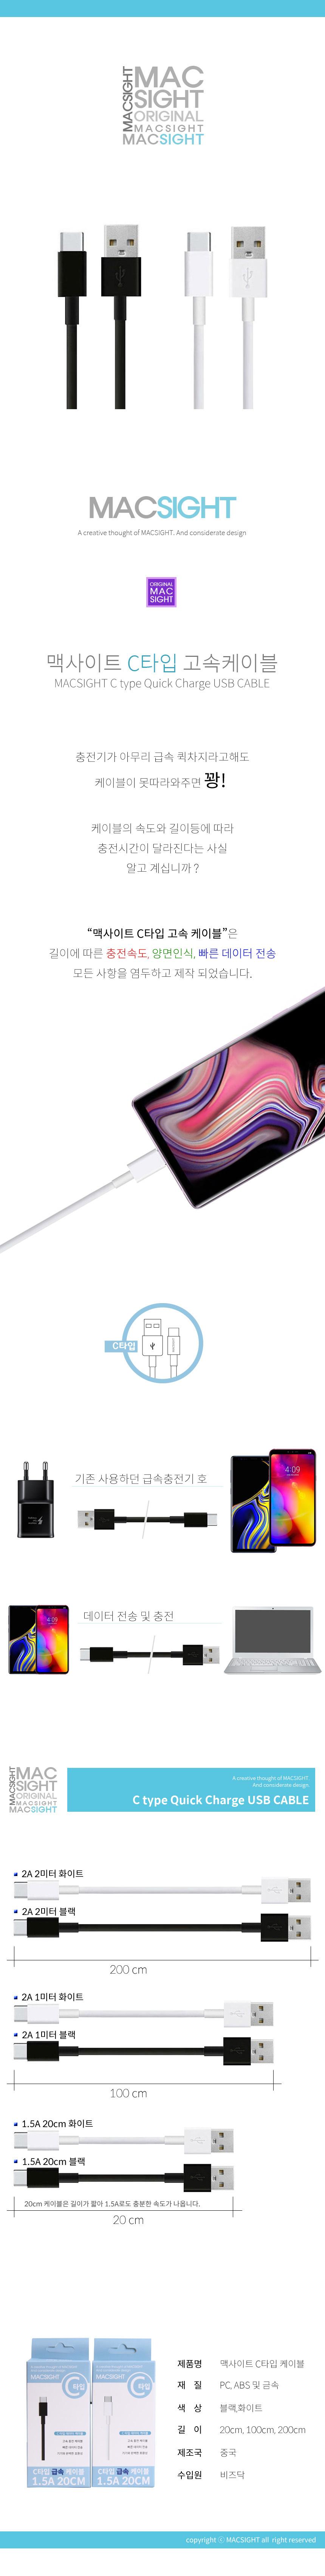 맥사이트 C타입 고속 USB케이블 2A,1M,2M,20cm,핸드폰,충전케이블,급속충전 - 맥사이트, 3,900원, 케이블, C타입